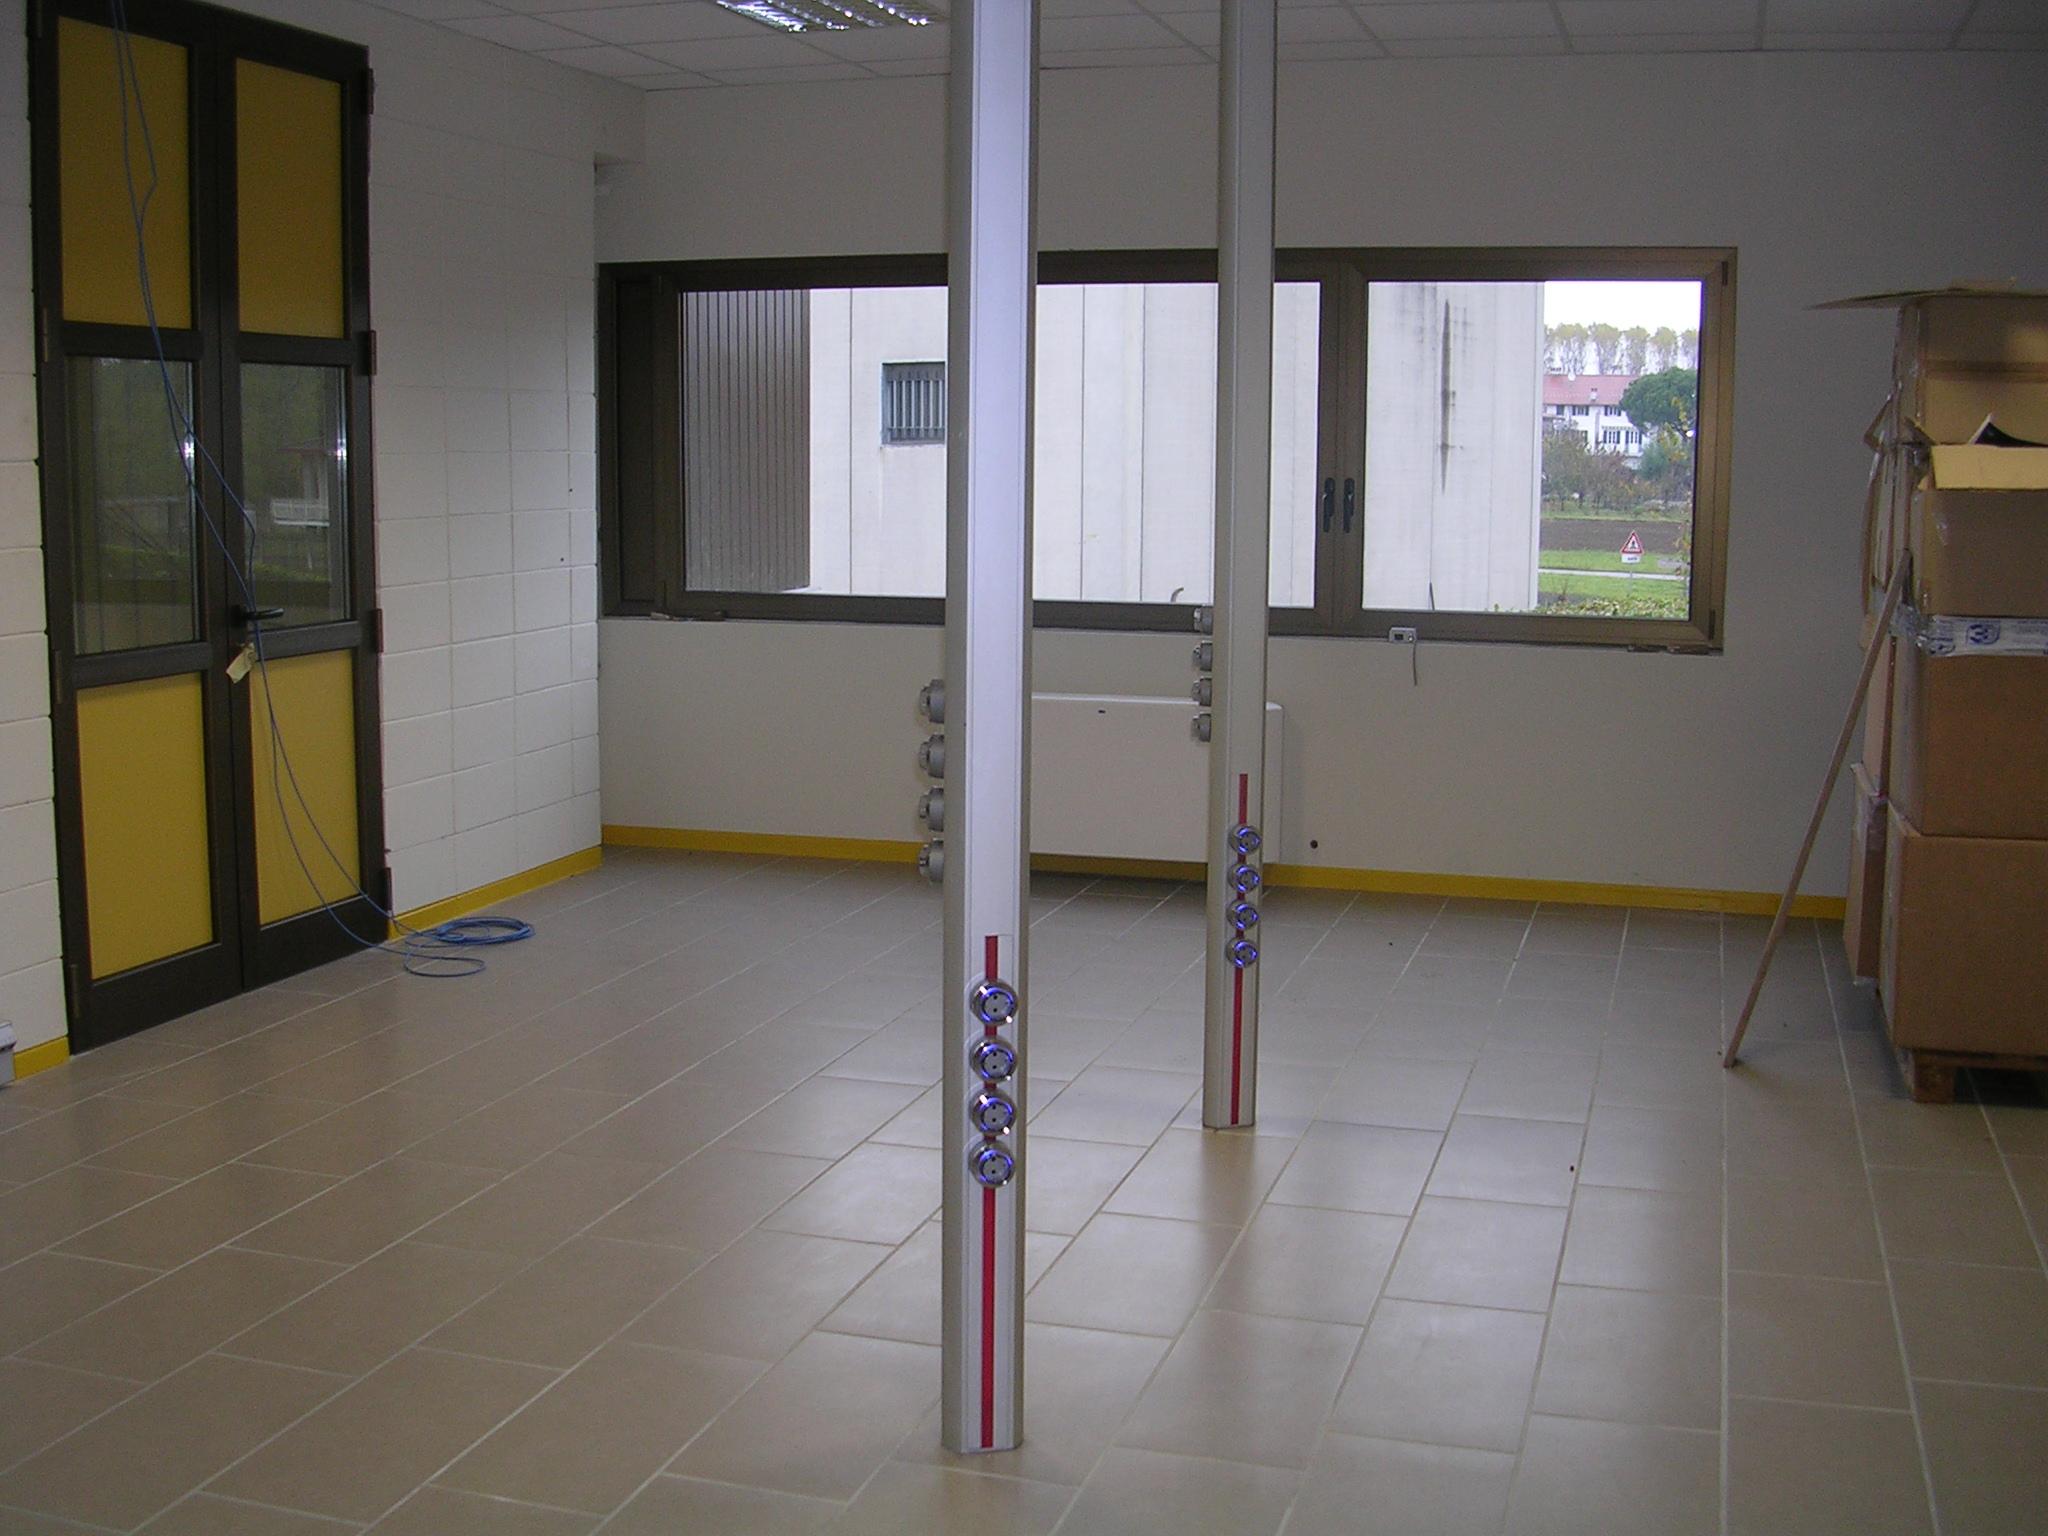 Solutii de conectare pentru bucatarii, livinguri, birouri, sali de conferinta, ateliere, spatii comerciale ACCESORIA GROUP - Poza 5